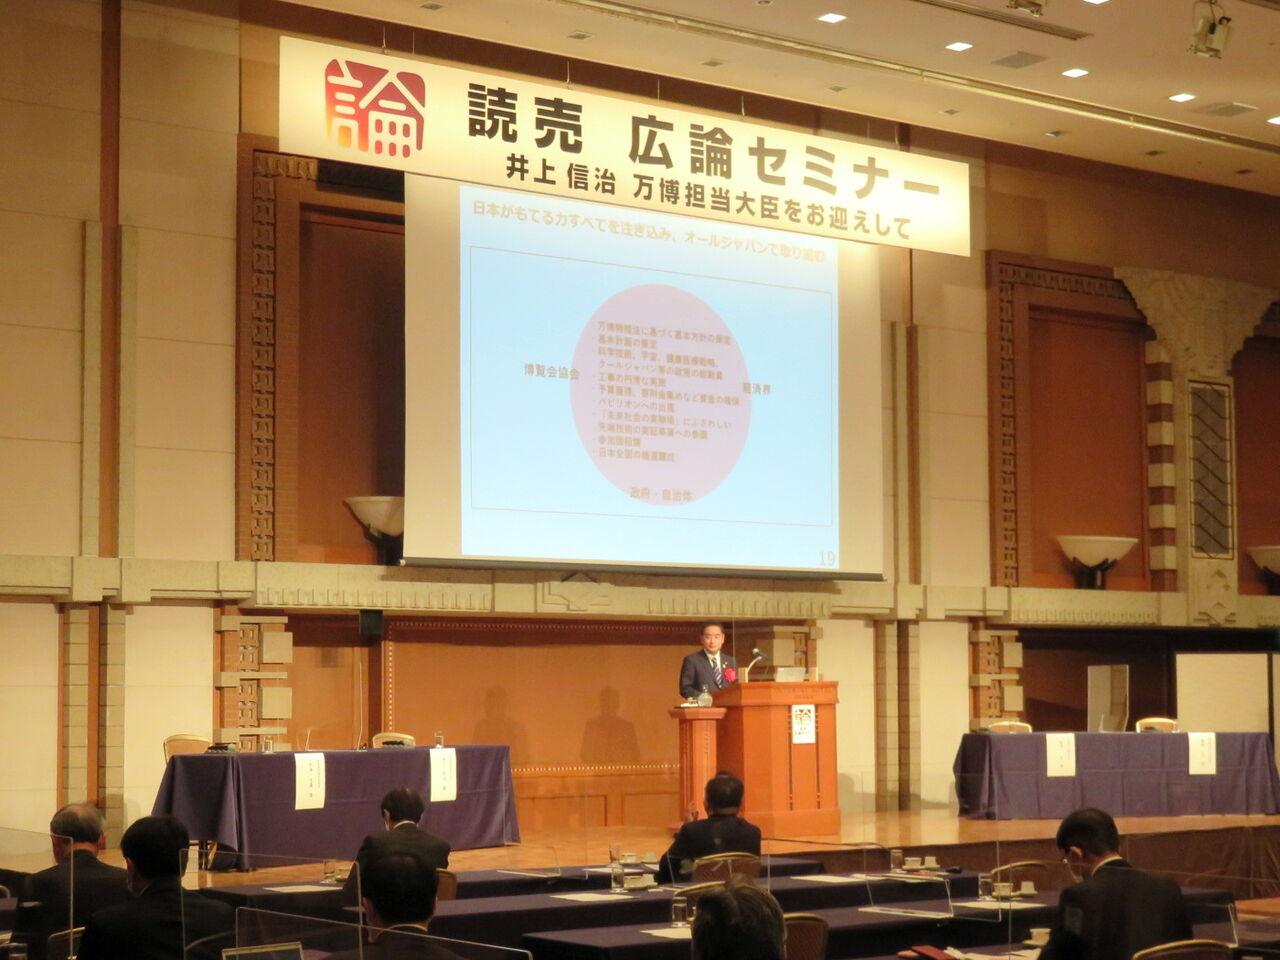 担当 大臣 万博 2025年日本国際博覧会